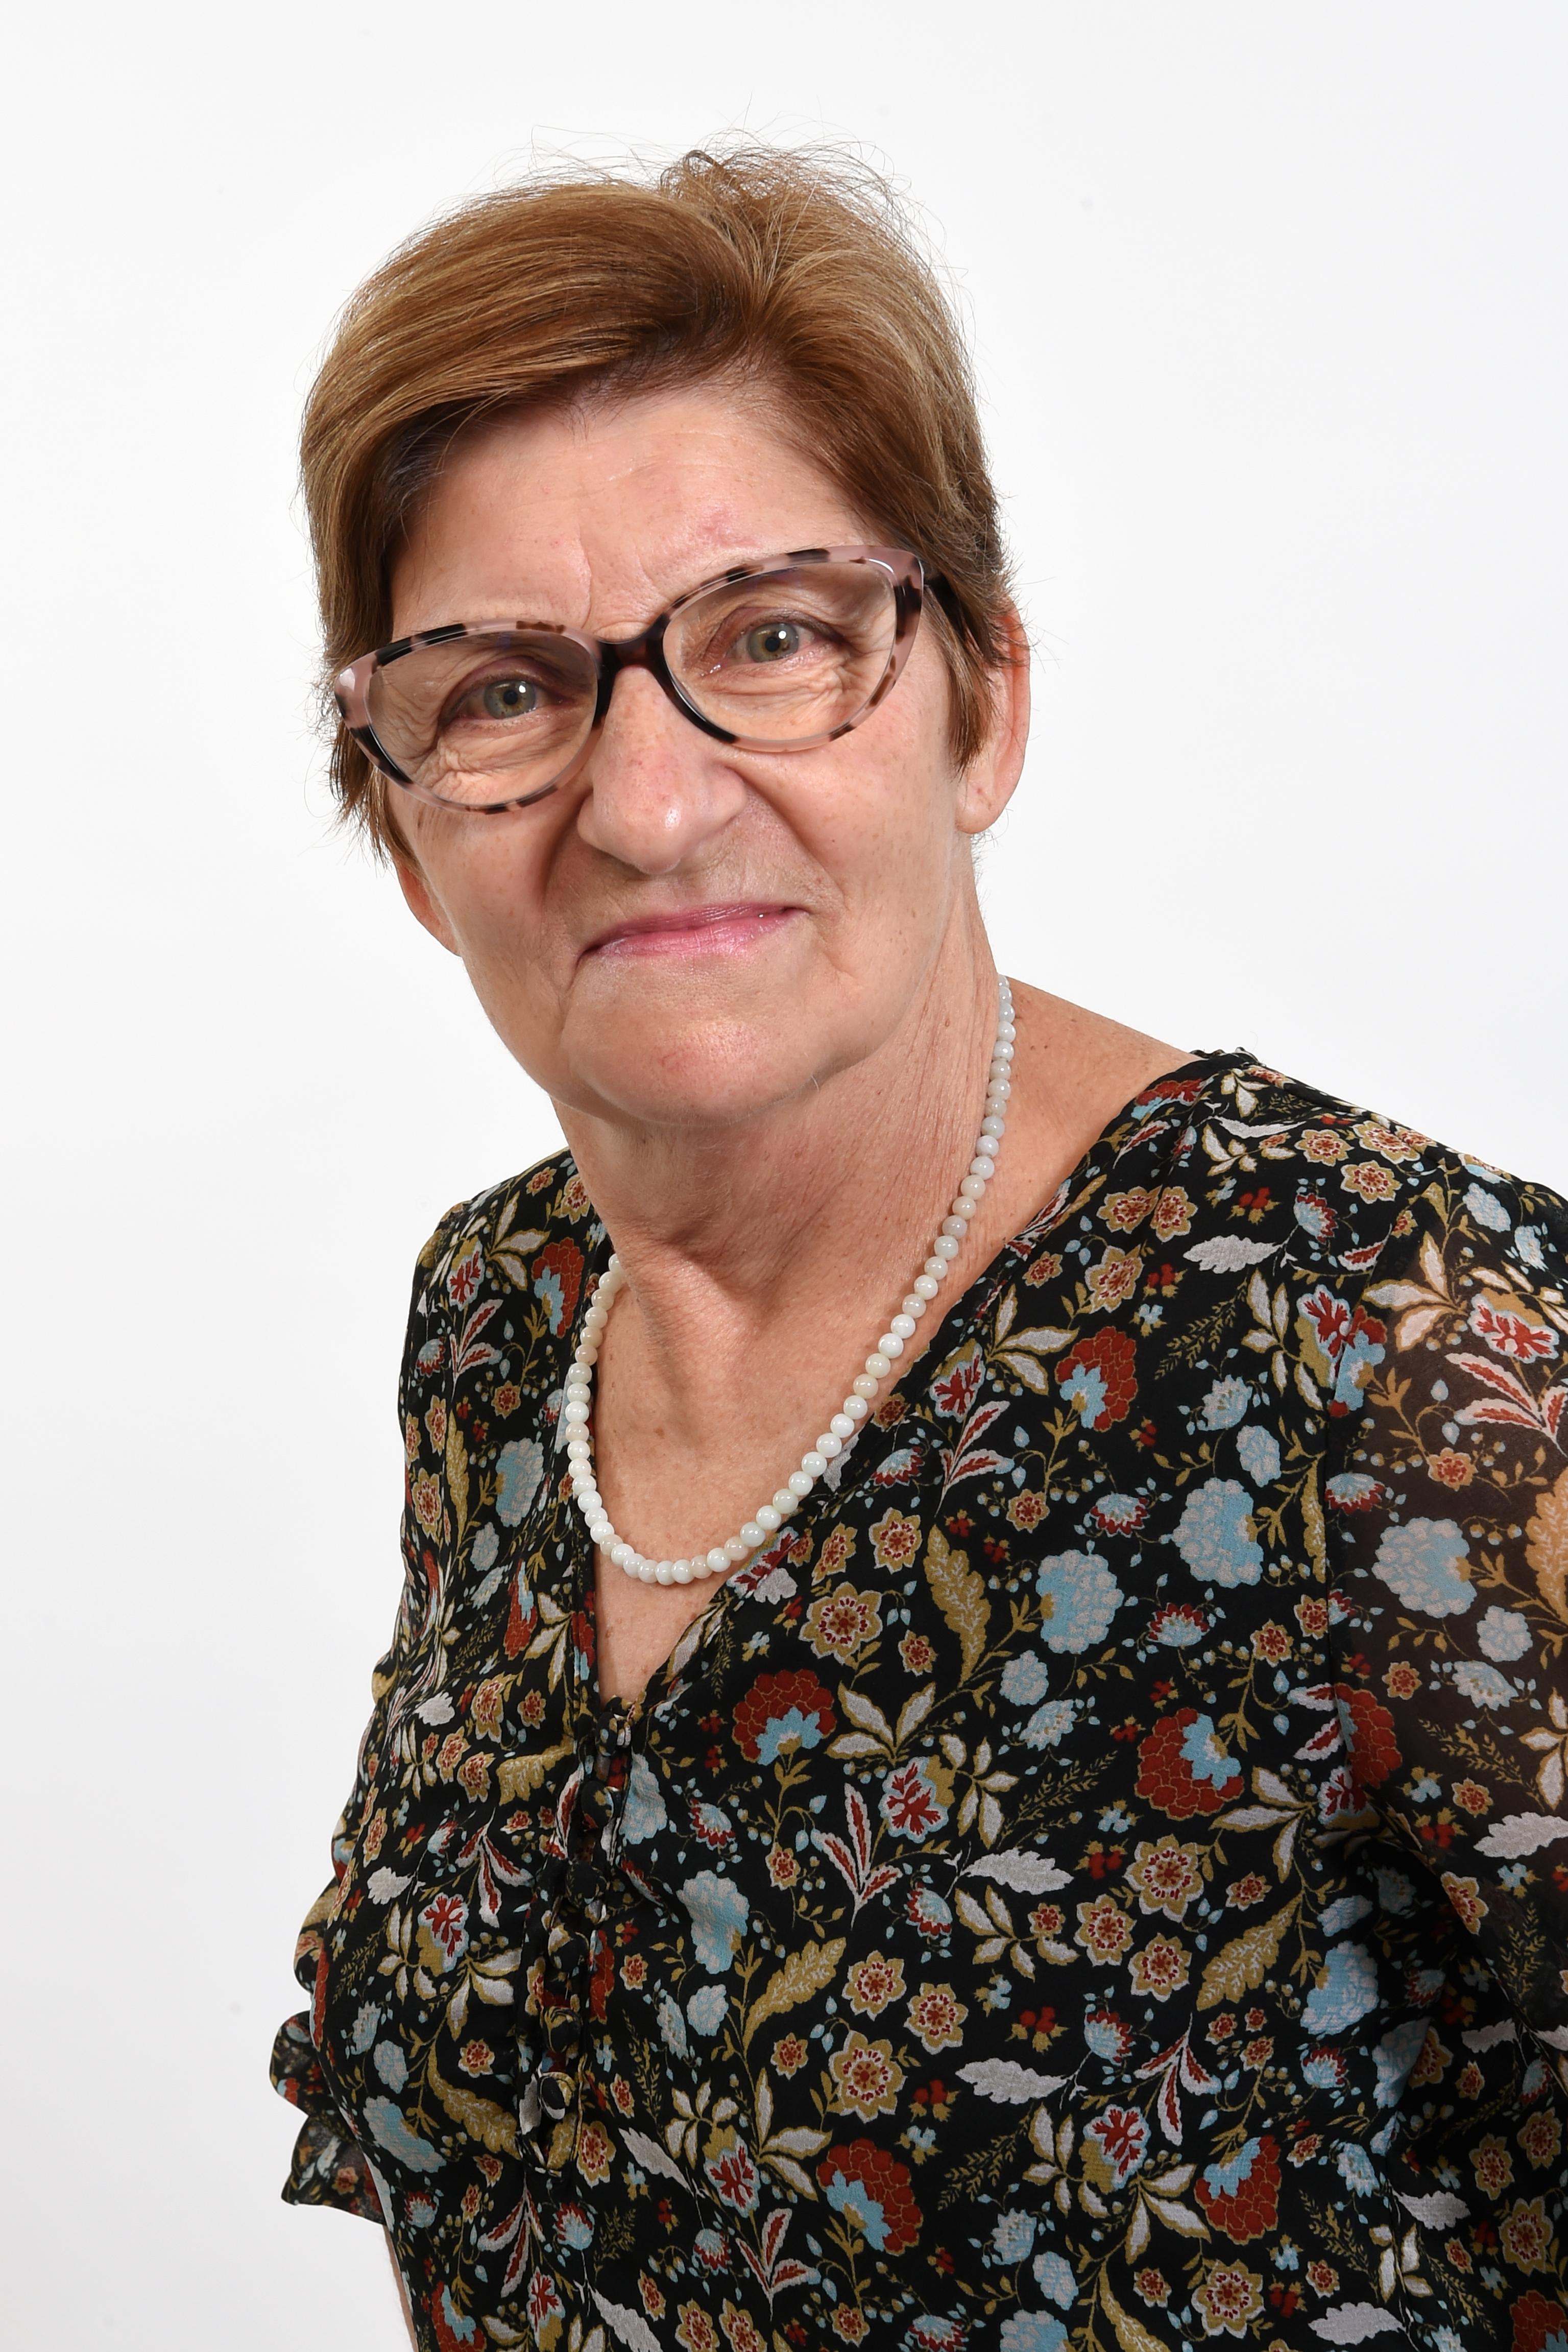 Gina CIPRIANI